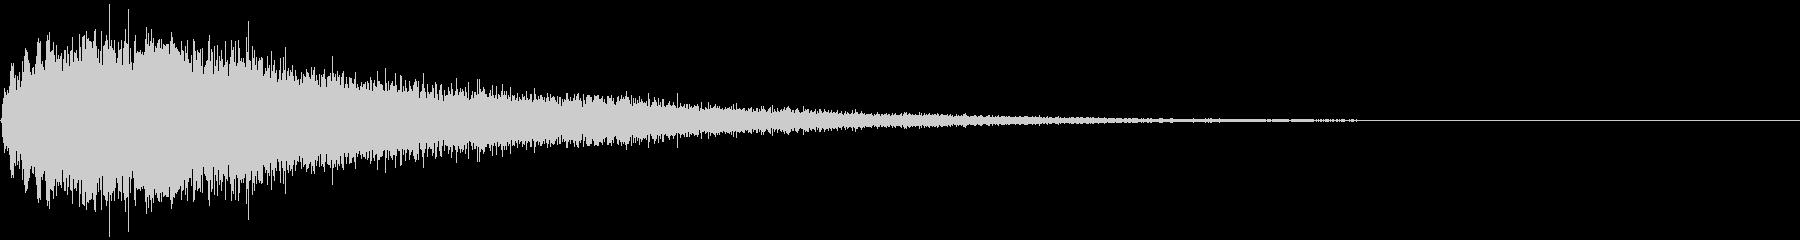 【ホラー】シンバルの音_ジャーン!_04の未再生の波形